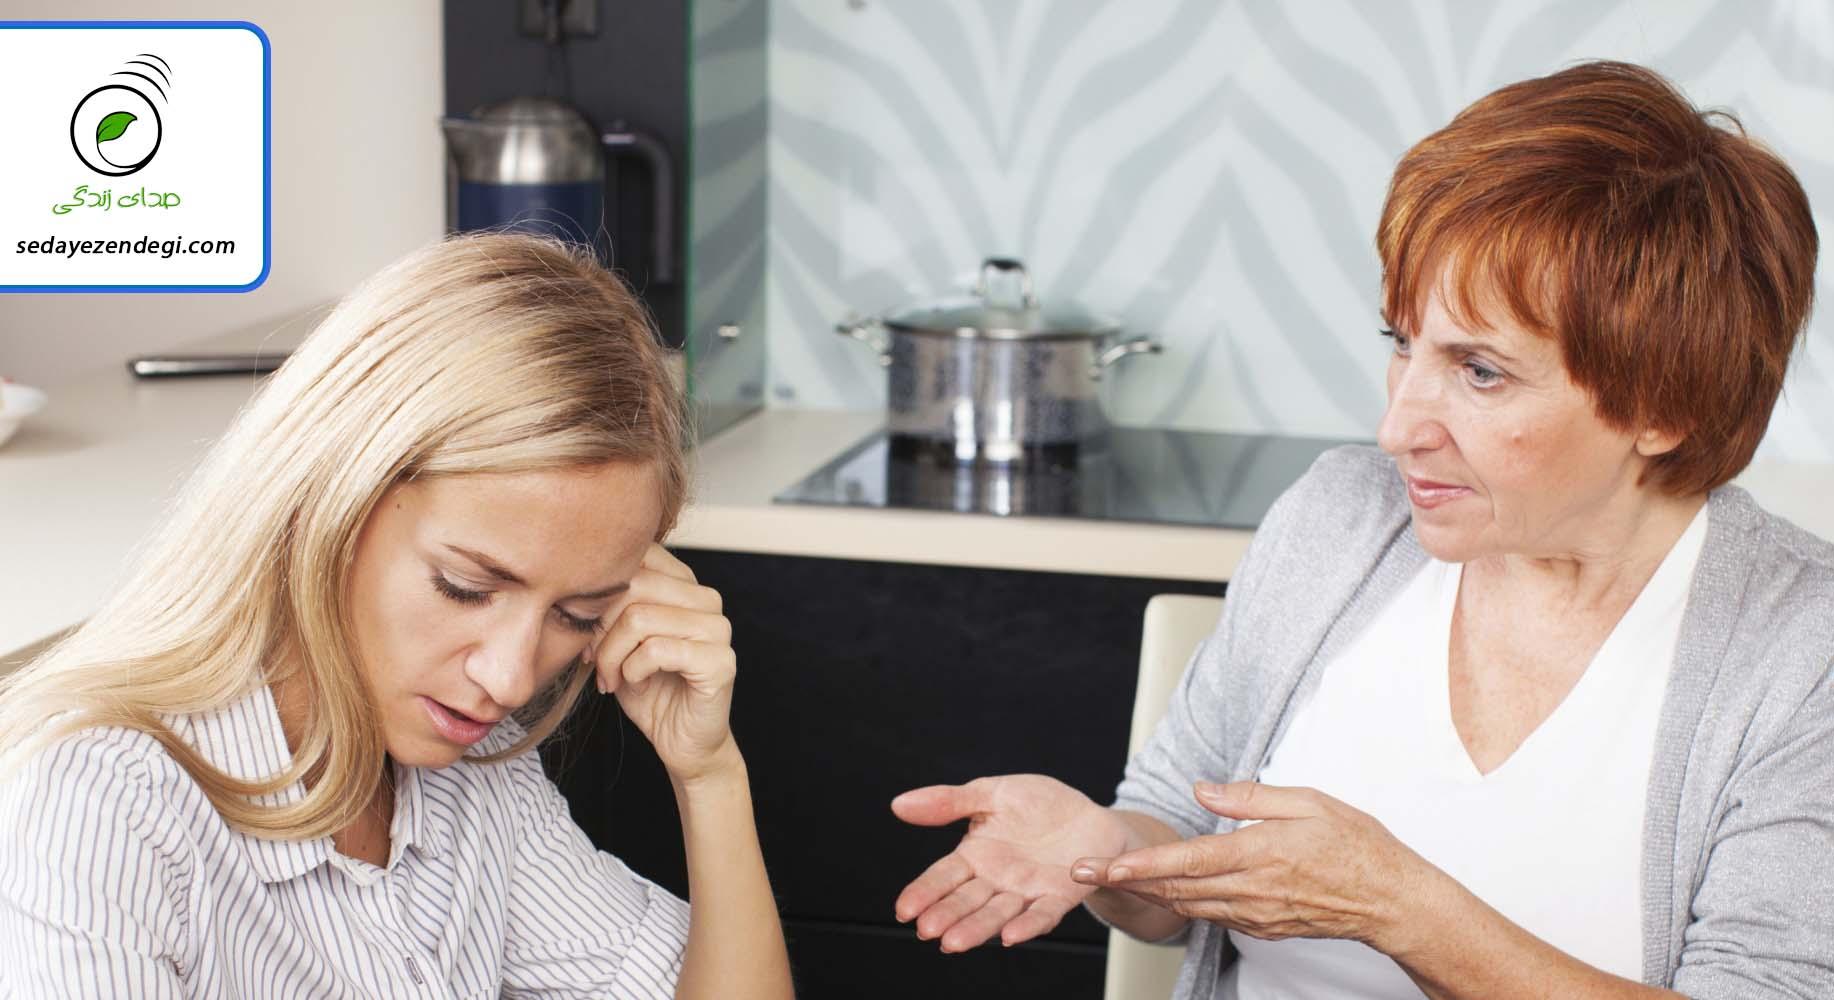 با دخالت های خانواده همسرم چه کار کنم؟!